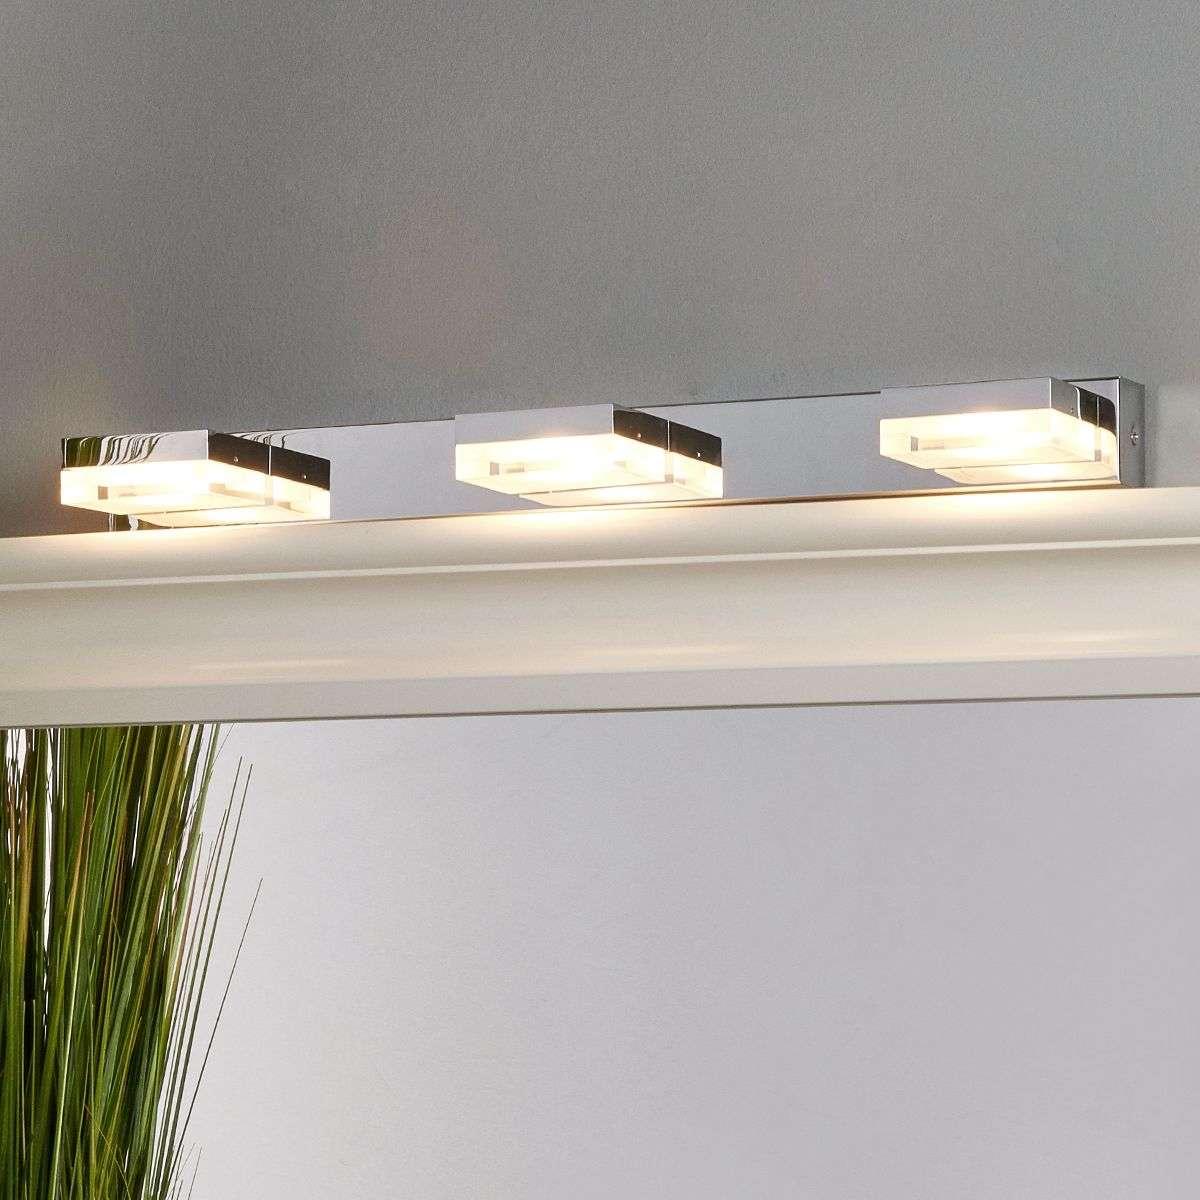 Elona led bathroom wall light lights elona led bathroom wall light 9644036 32 mozeypictures Image collections